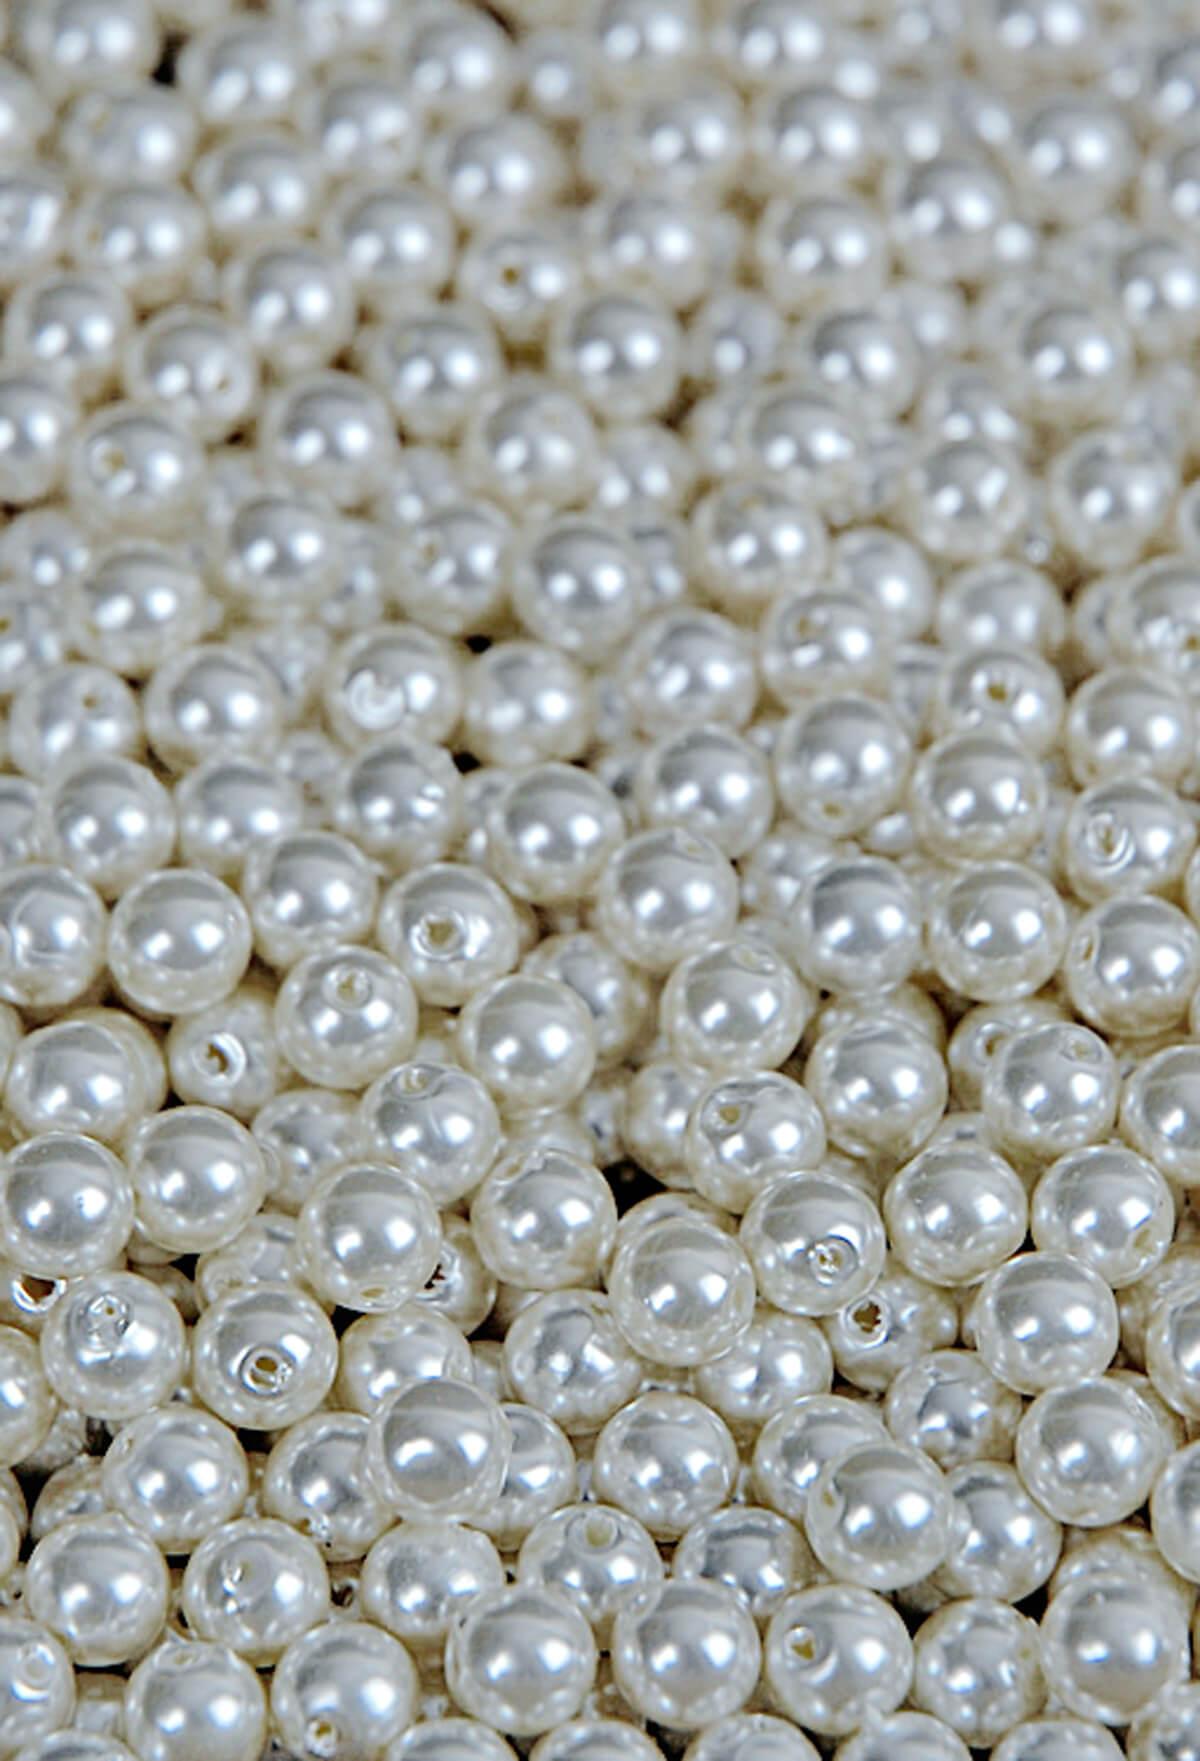 Vase filler 16 oz ivory white pearl vase filler 16 oz ivory white reviewsmspy